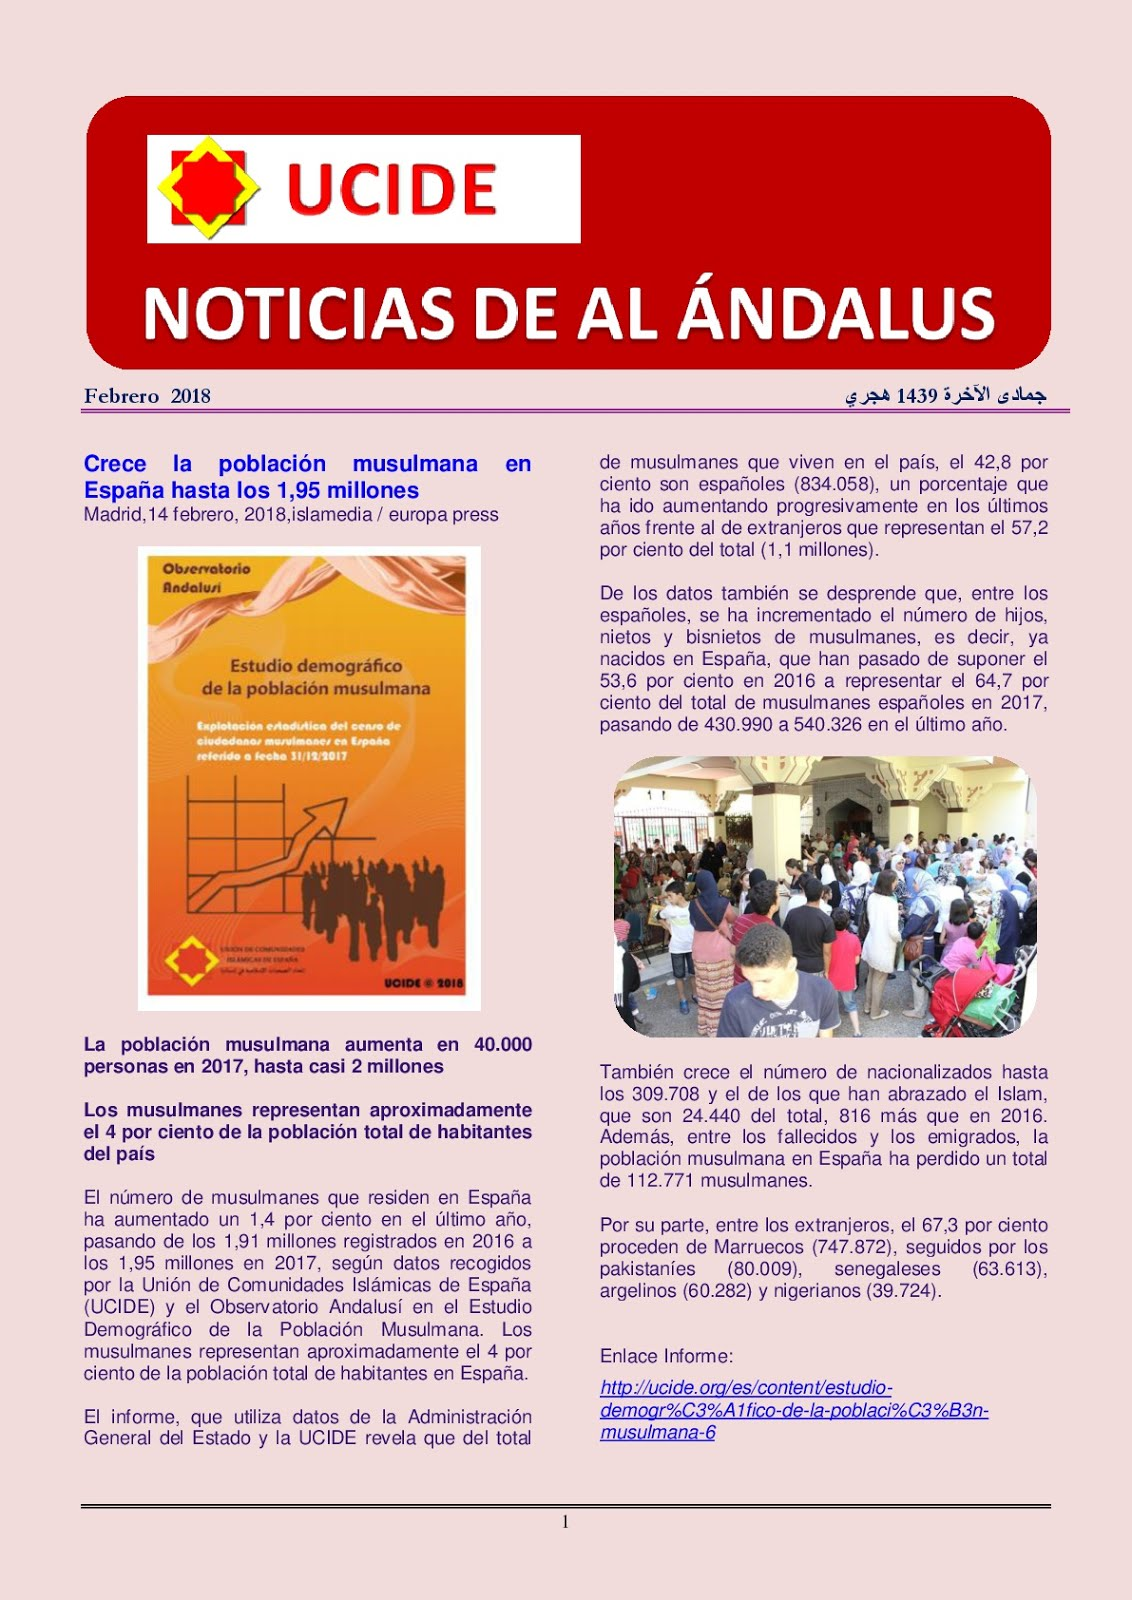 Noticiario de UCIDE y sus comunidades